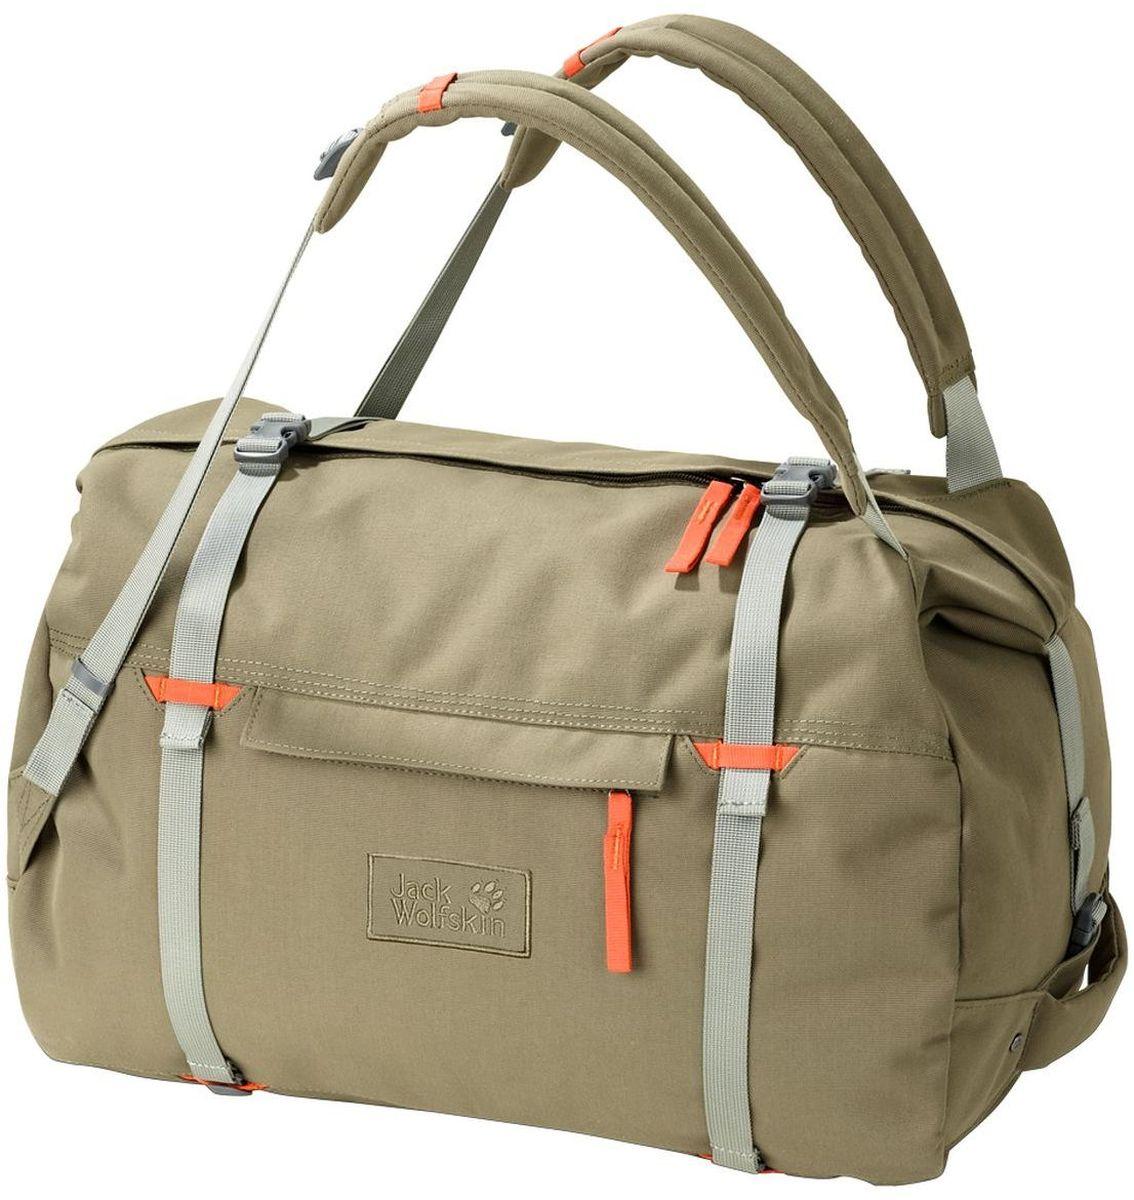 Сумка-рюкзак Jack Wolfskin Roamer 40 Duffle, цвет: бежевый, 40 л2005451-5033Небольшая, прочная сумка для путешествий, можно носить как рюкзак